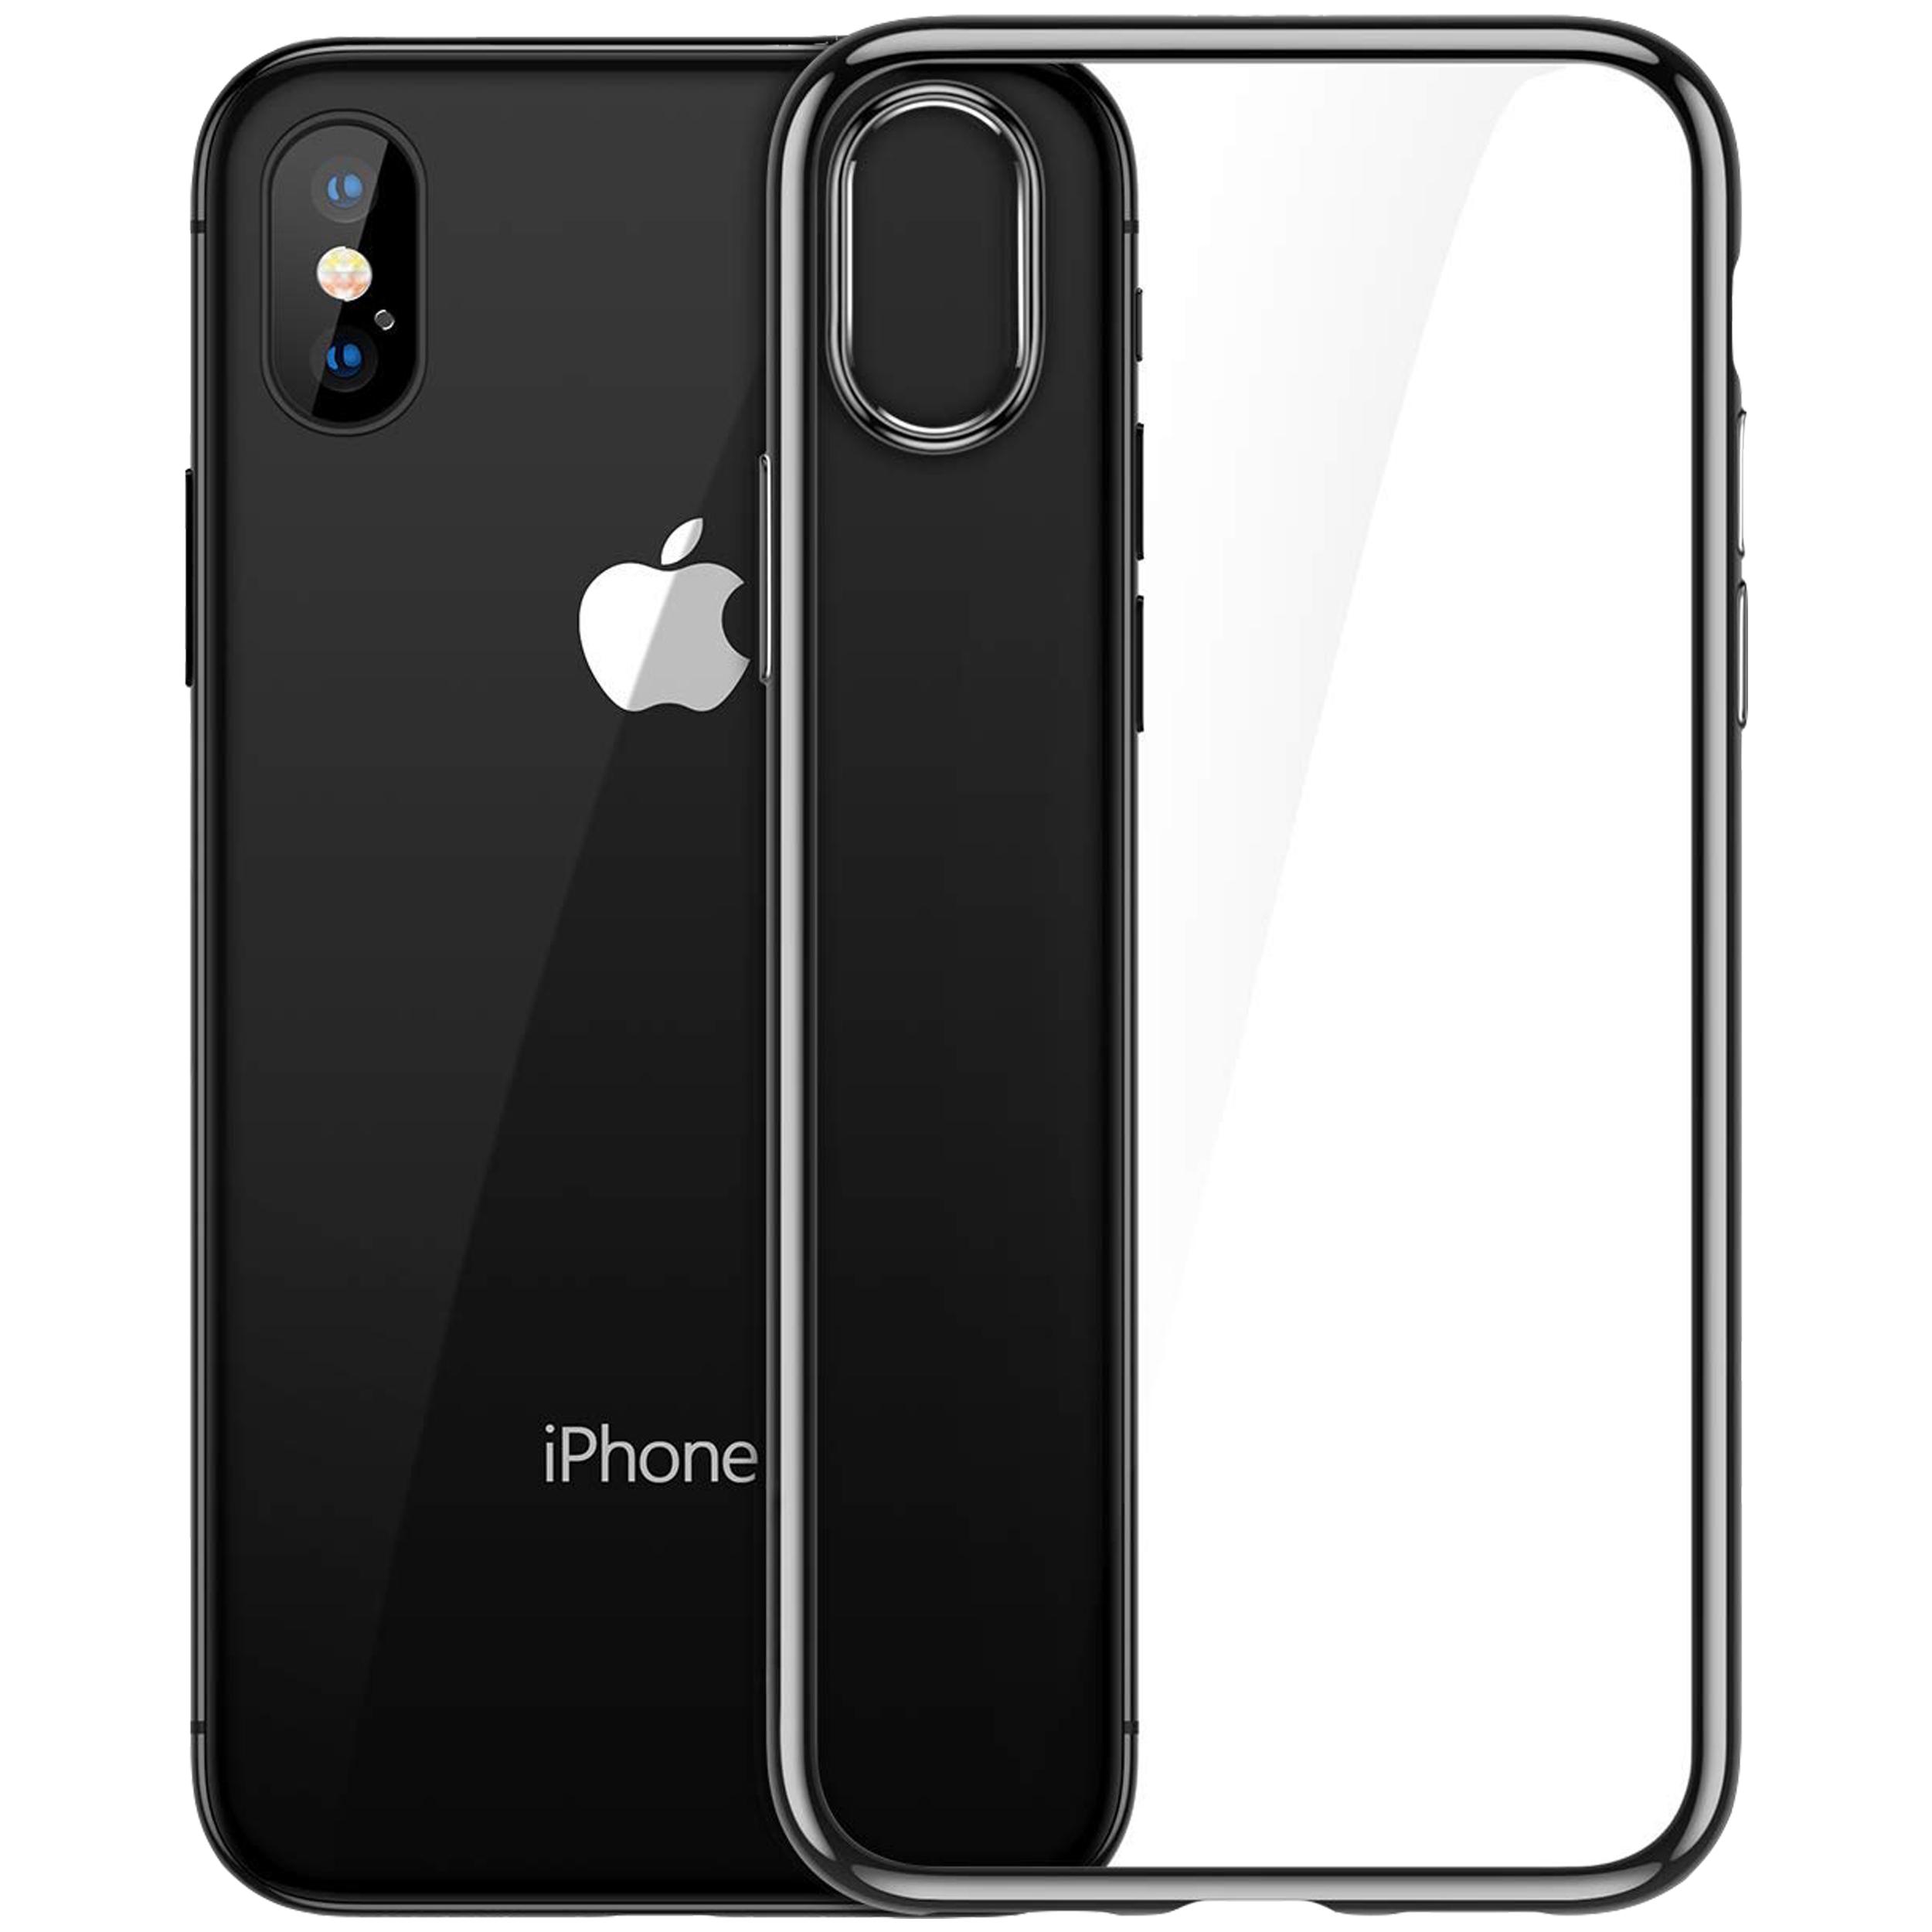 کاور یو یی مدل Transparent مناسب برای گوشی موبایل اپل iPhone Xs Max